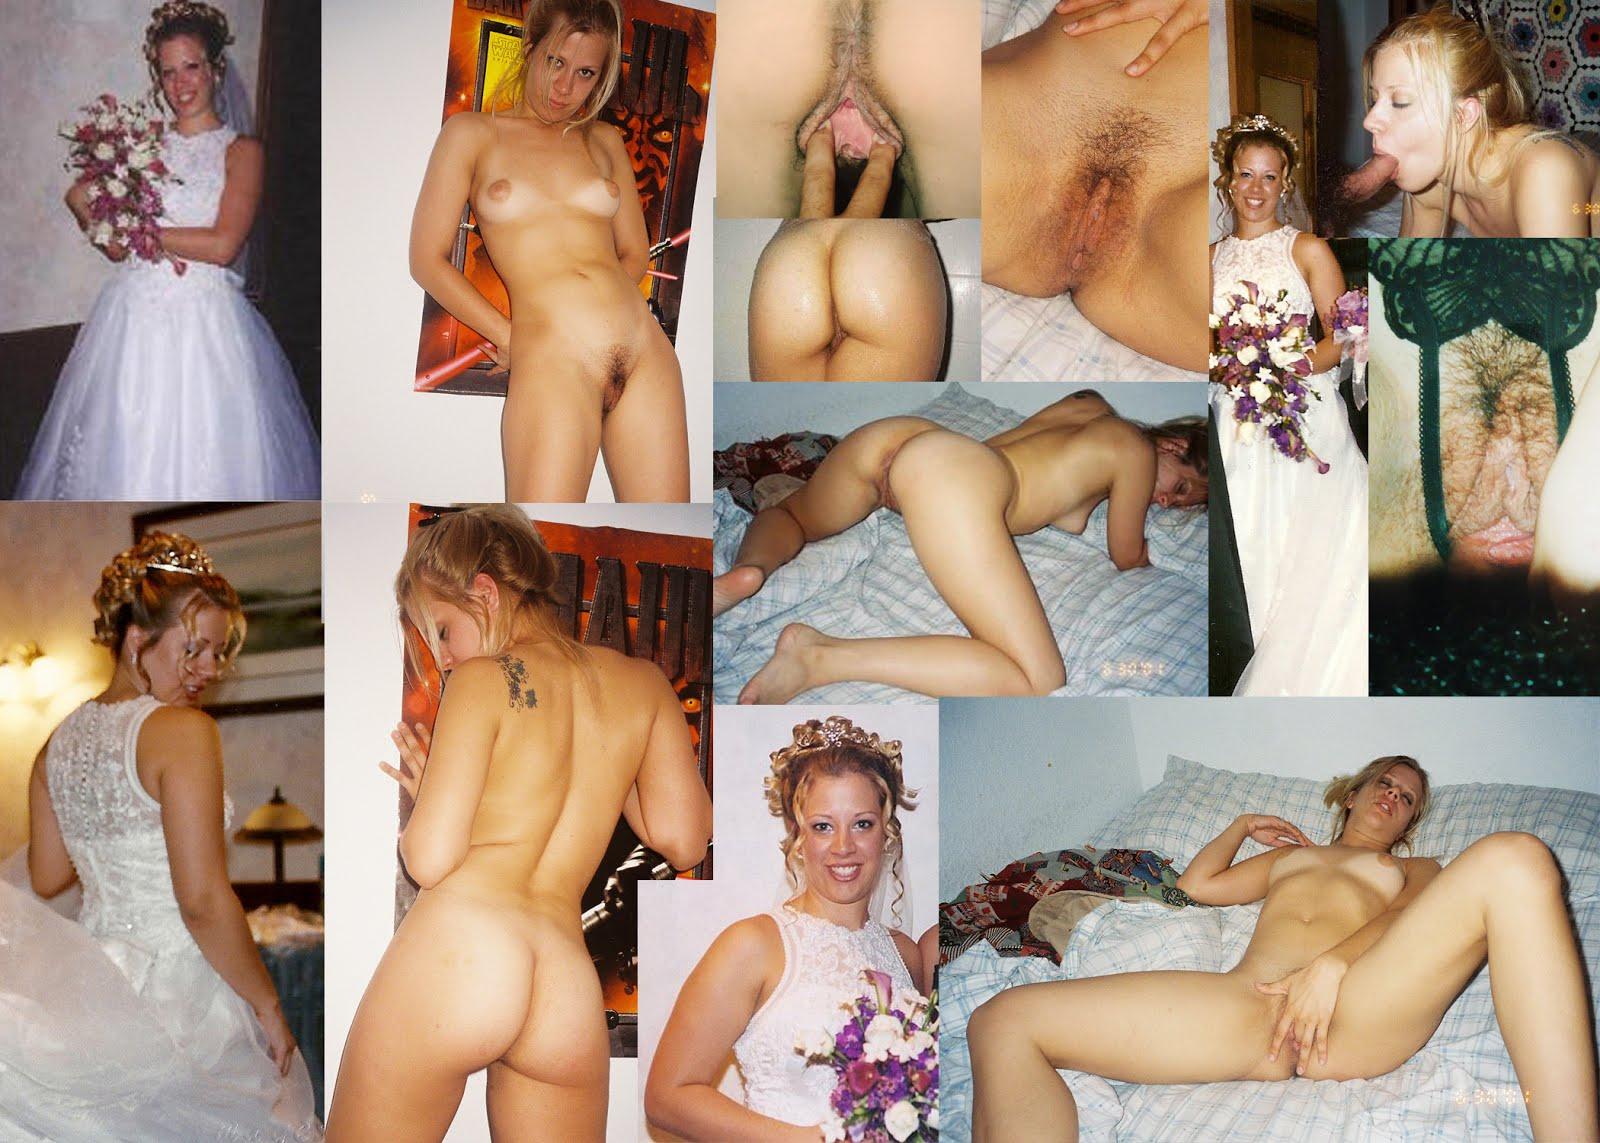 Порно моники свитхарт с подругой онлайн